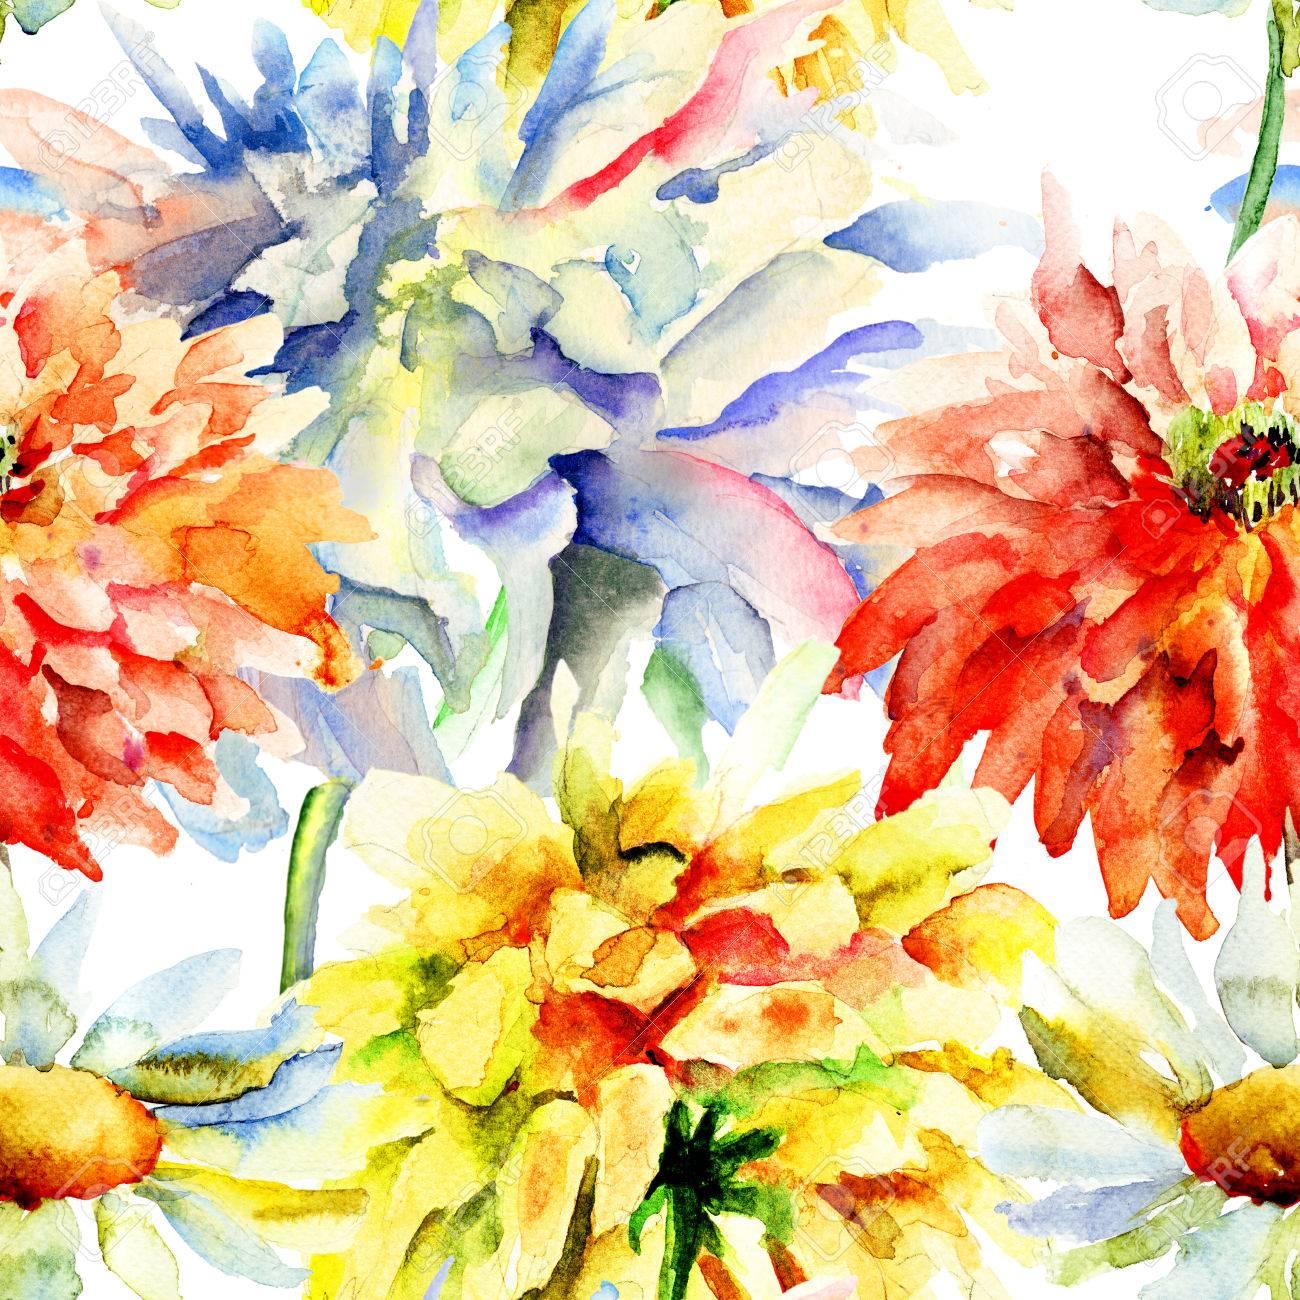 美しい菊の花 シームレスな壁紙の水彩イラスト の写真素材 画像素材